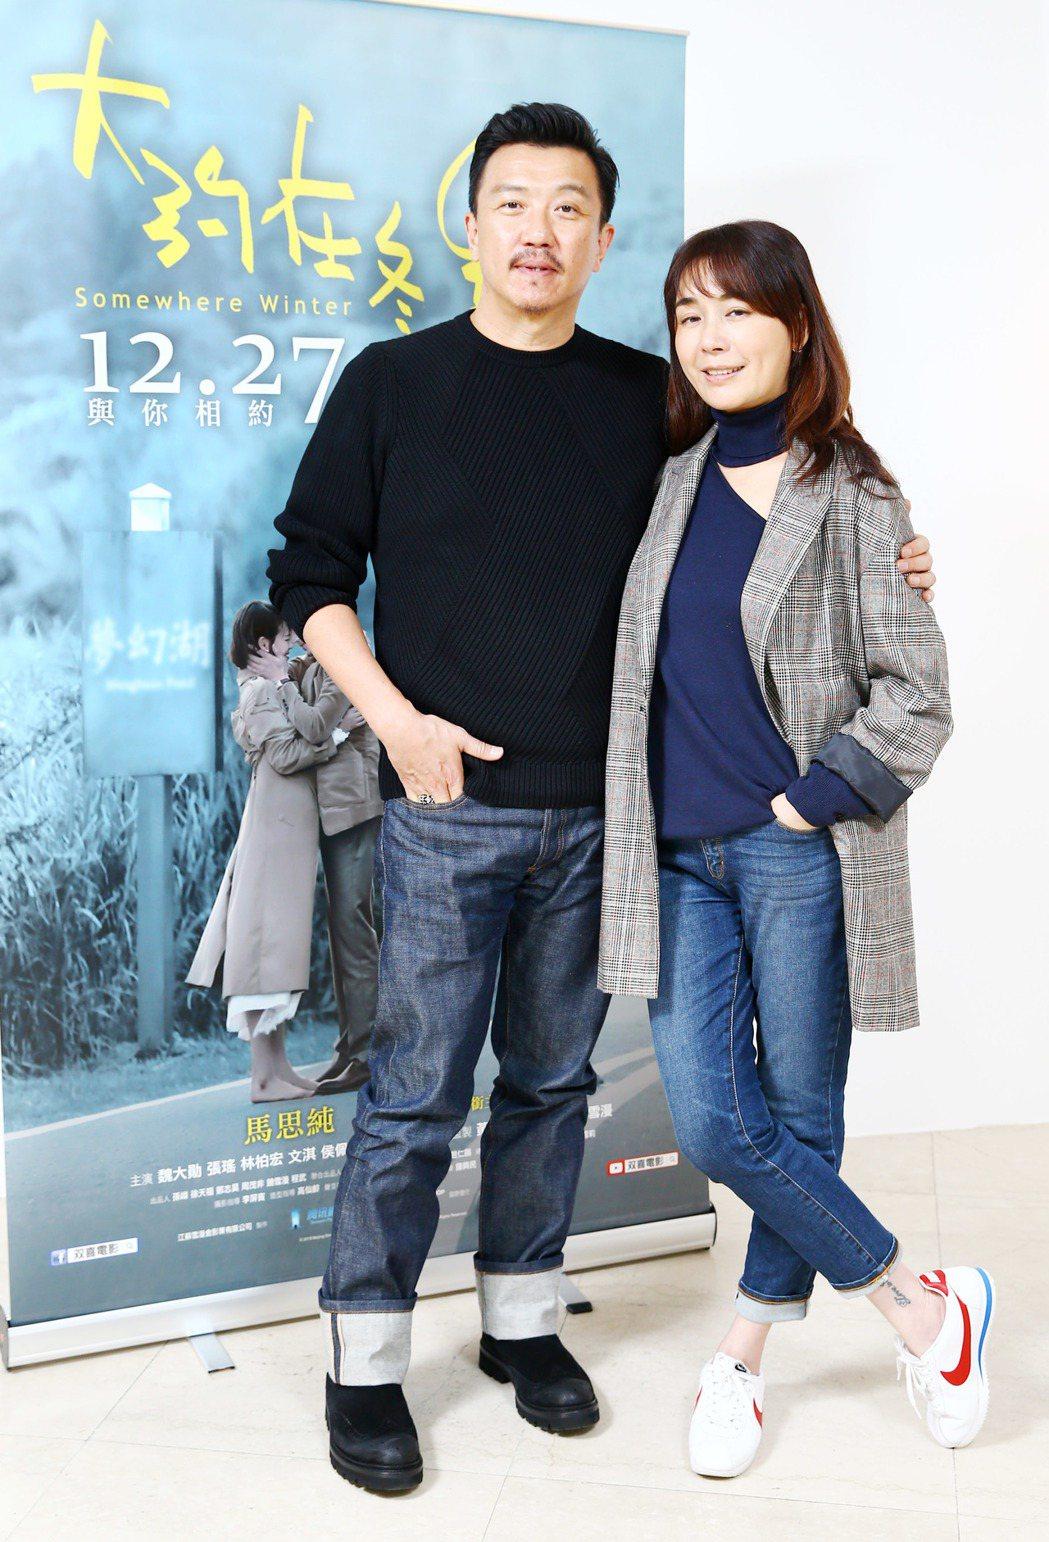 電影《大約在冬季》導演王維明、陳婉若夫妻合影。記者杜建重/攝影